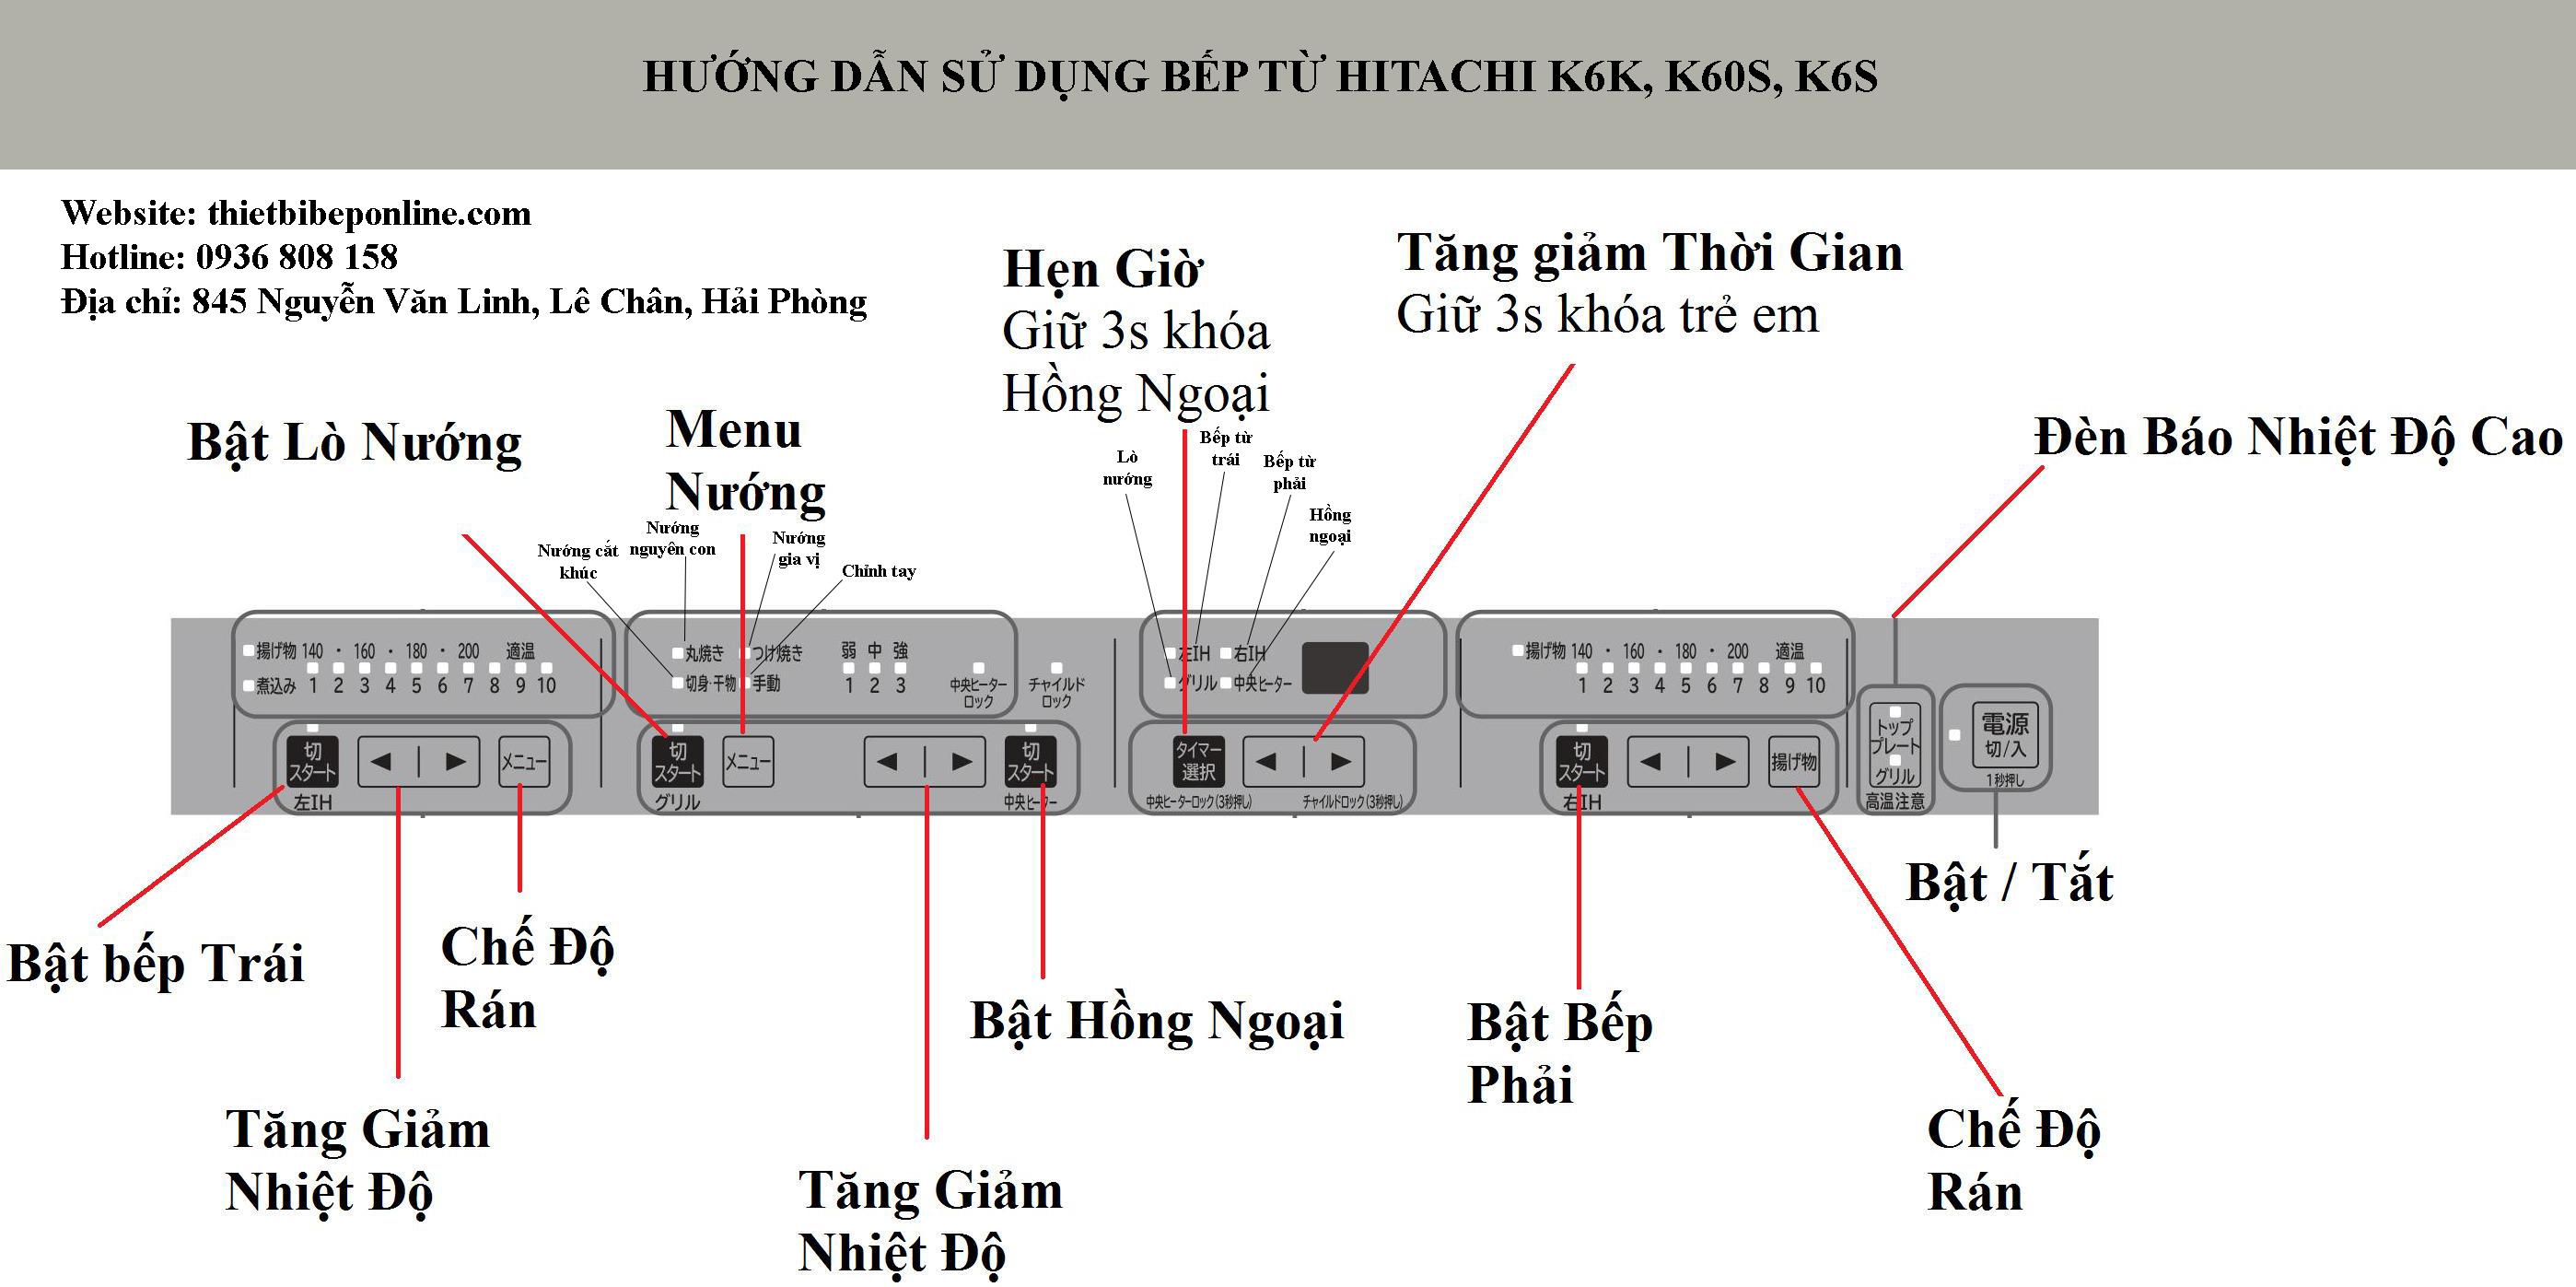 Hướng dẫn sử dụng bếp từ Hitachi